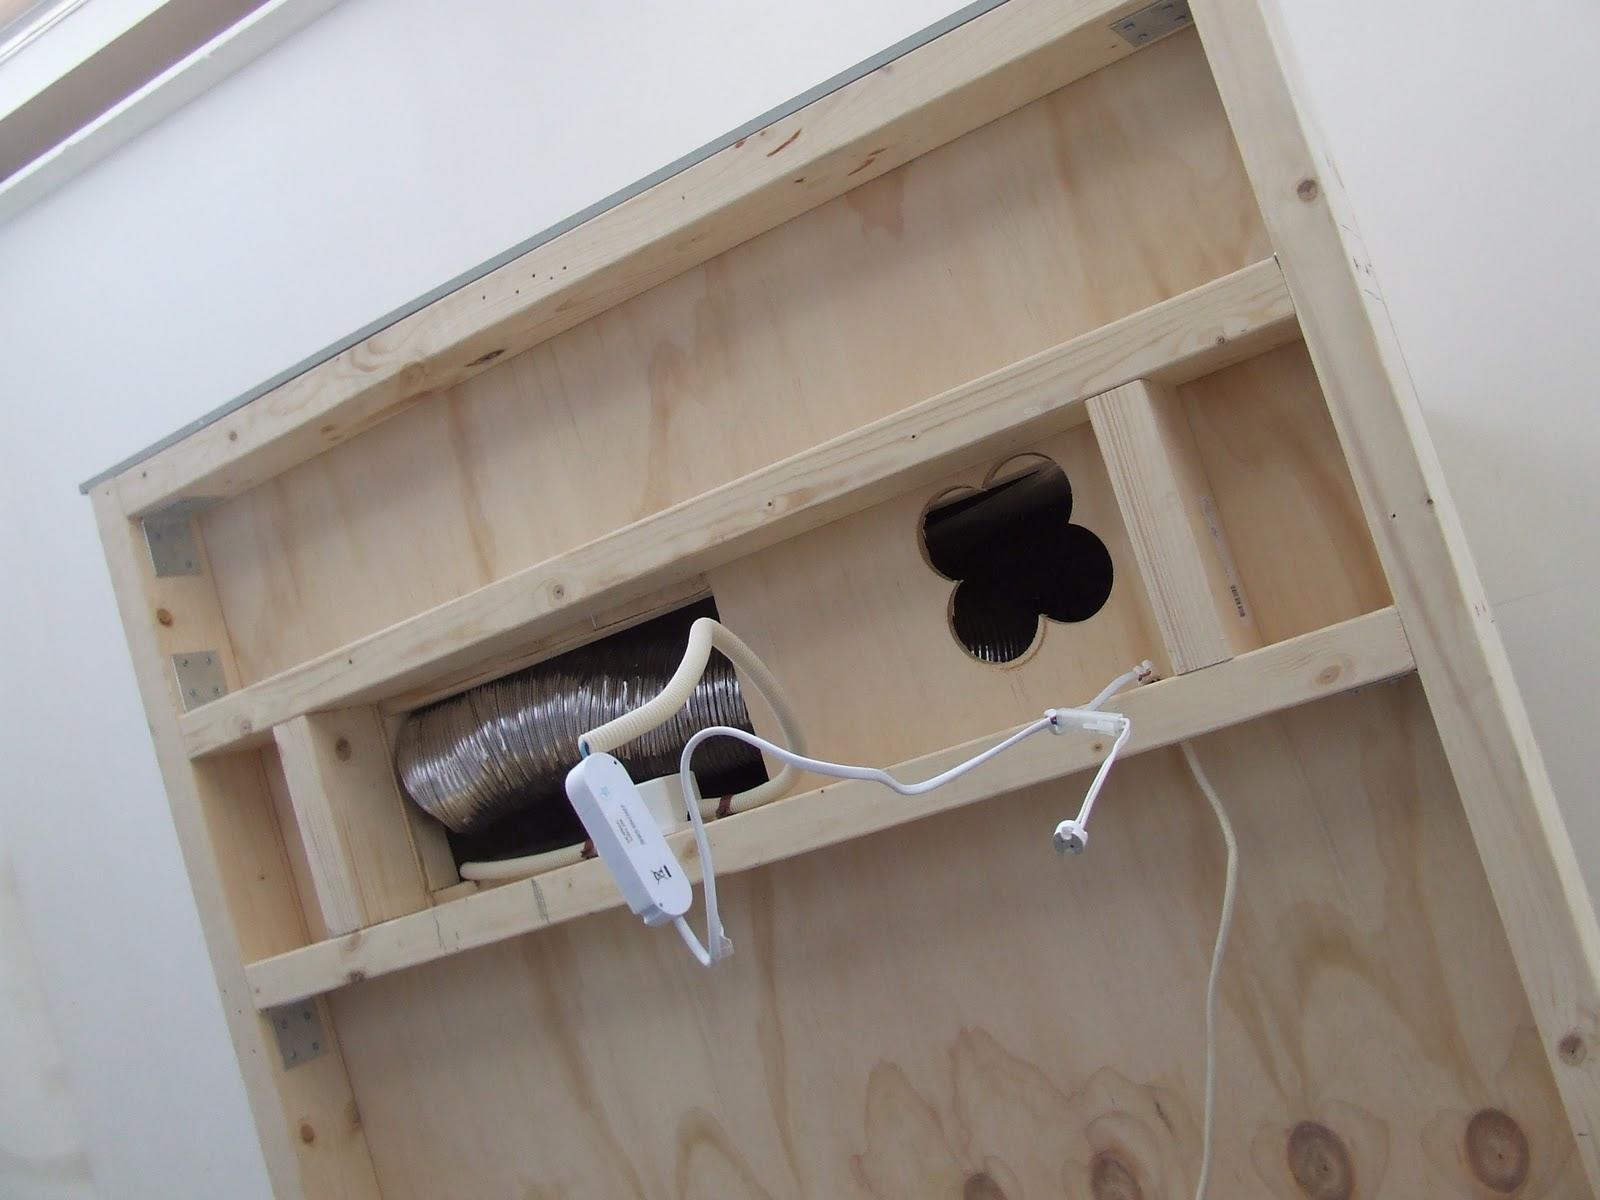 Verlaagd Plafond Keuken Maken : Ziep25: Het maken van het verlaagde plafond in de keuken